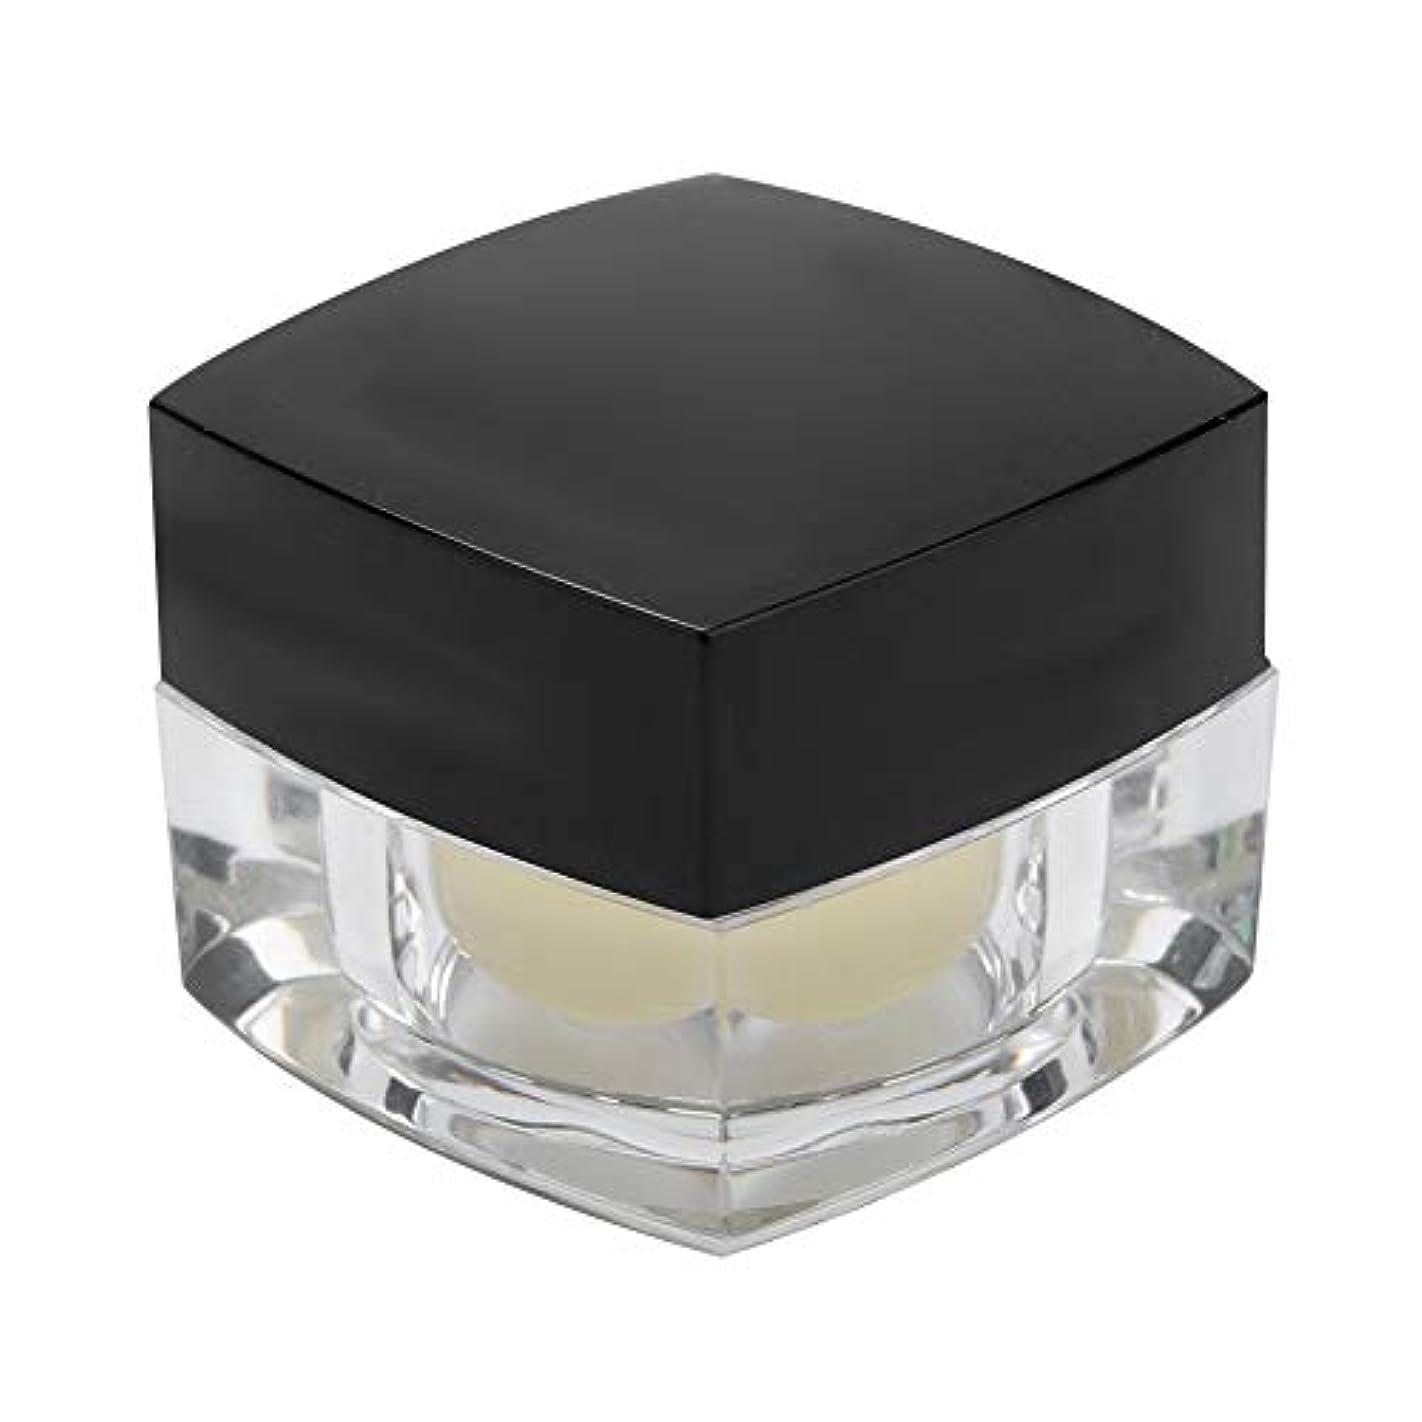 ブリードリハーサル霧深いまつげエクステンション接着剤リムーバー、つけまつげクリーム非刺激性まつげグラフトゲル除去クリーム - 5g